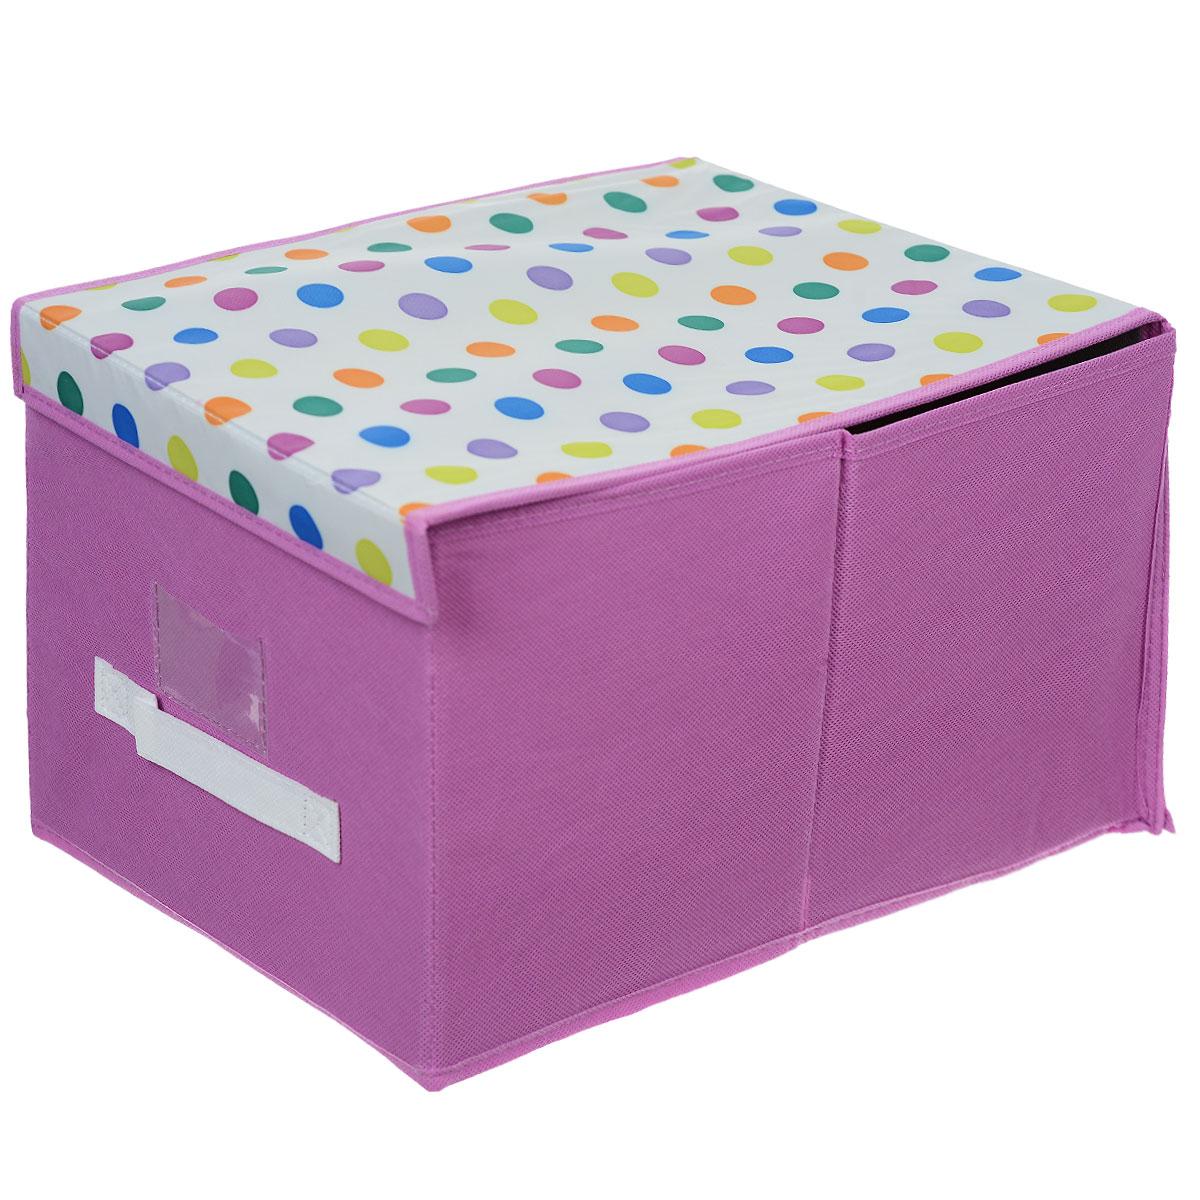 Чехол-коробка Voila Кидс, цвет: сиреневый, белый, 30 х 40 х 25 смCOVLSCBY12K_сиреневый, белыйЧехол-коробка Voila Кидс поможет легко и красиво организовать пространство в детской комнате. Изделие выполнено из полиэстера и нетканого материала, прочность каркаса обеспечивается наличием внутри плотных и толстых листов картона. Чехол-коробка закрывается крышкой на две липучки, что поможет защитить вещи от пыли и грязи. Сбоку имеется ручка. Такой чехол идеально подойдет для хранения игрушек и детских вещей. Яркий дизайн изделия привлечет внимание ребенка и вызовет у него желание самостоятельно убирать игрушки. Складная конструкция обеспечивает компактное хранение.